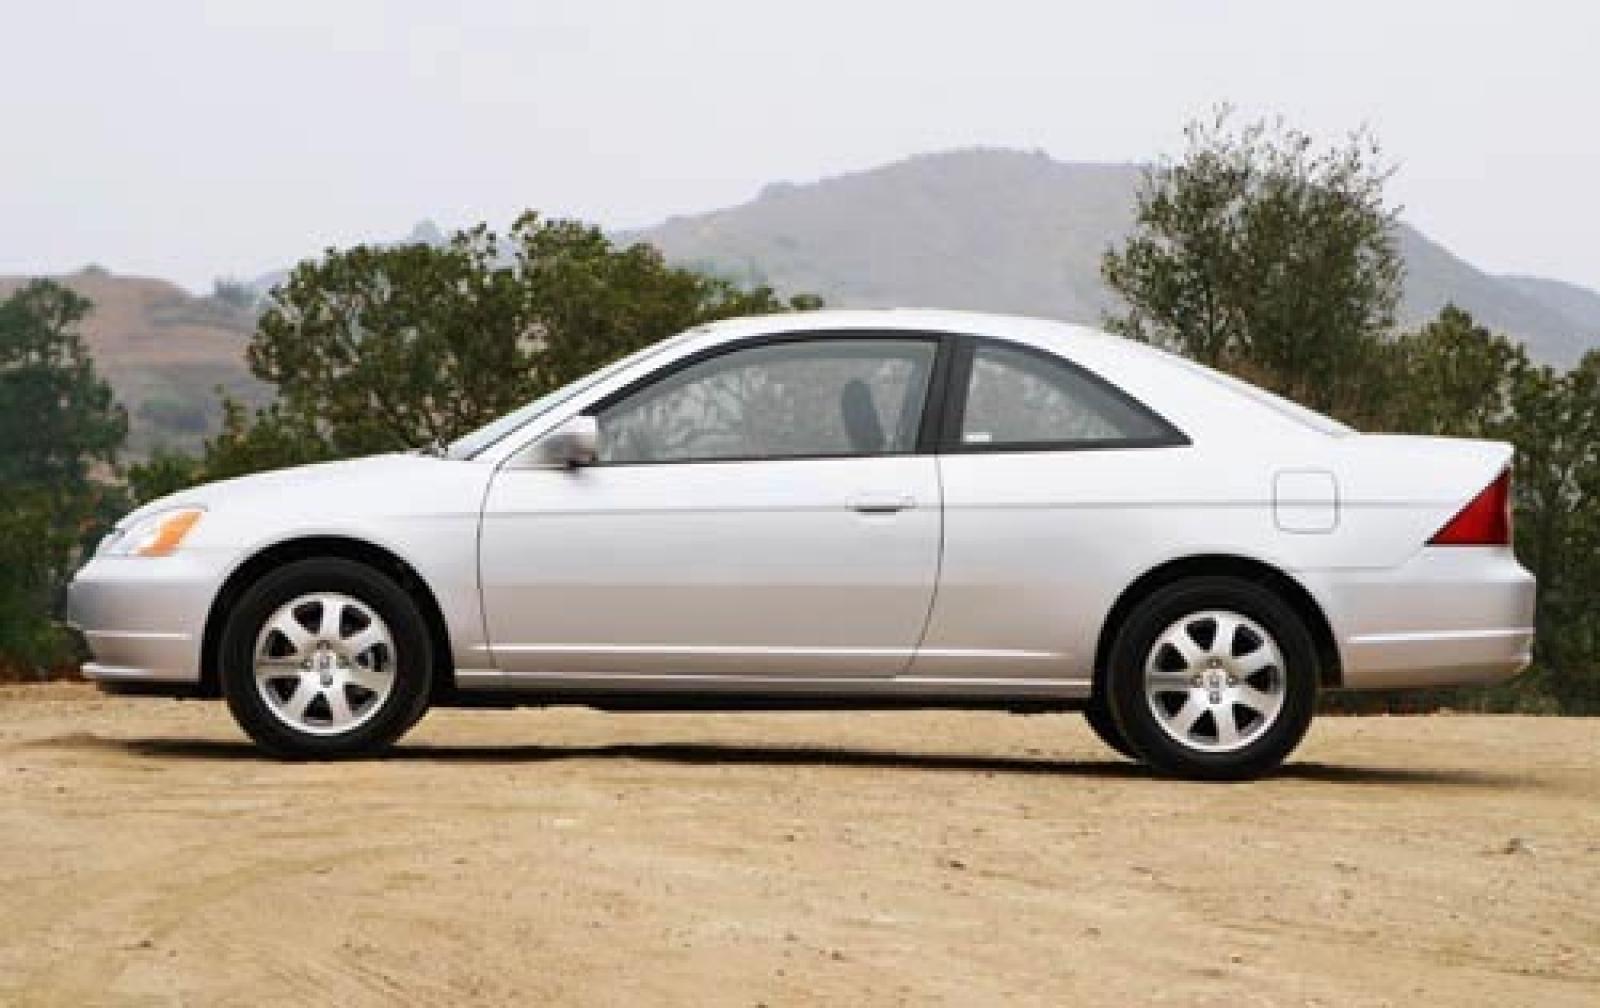 ... 2003 Honda Civic EX Gauge Interior #8 800 1024 1280 1600 Origin ...